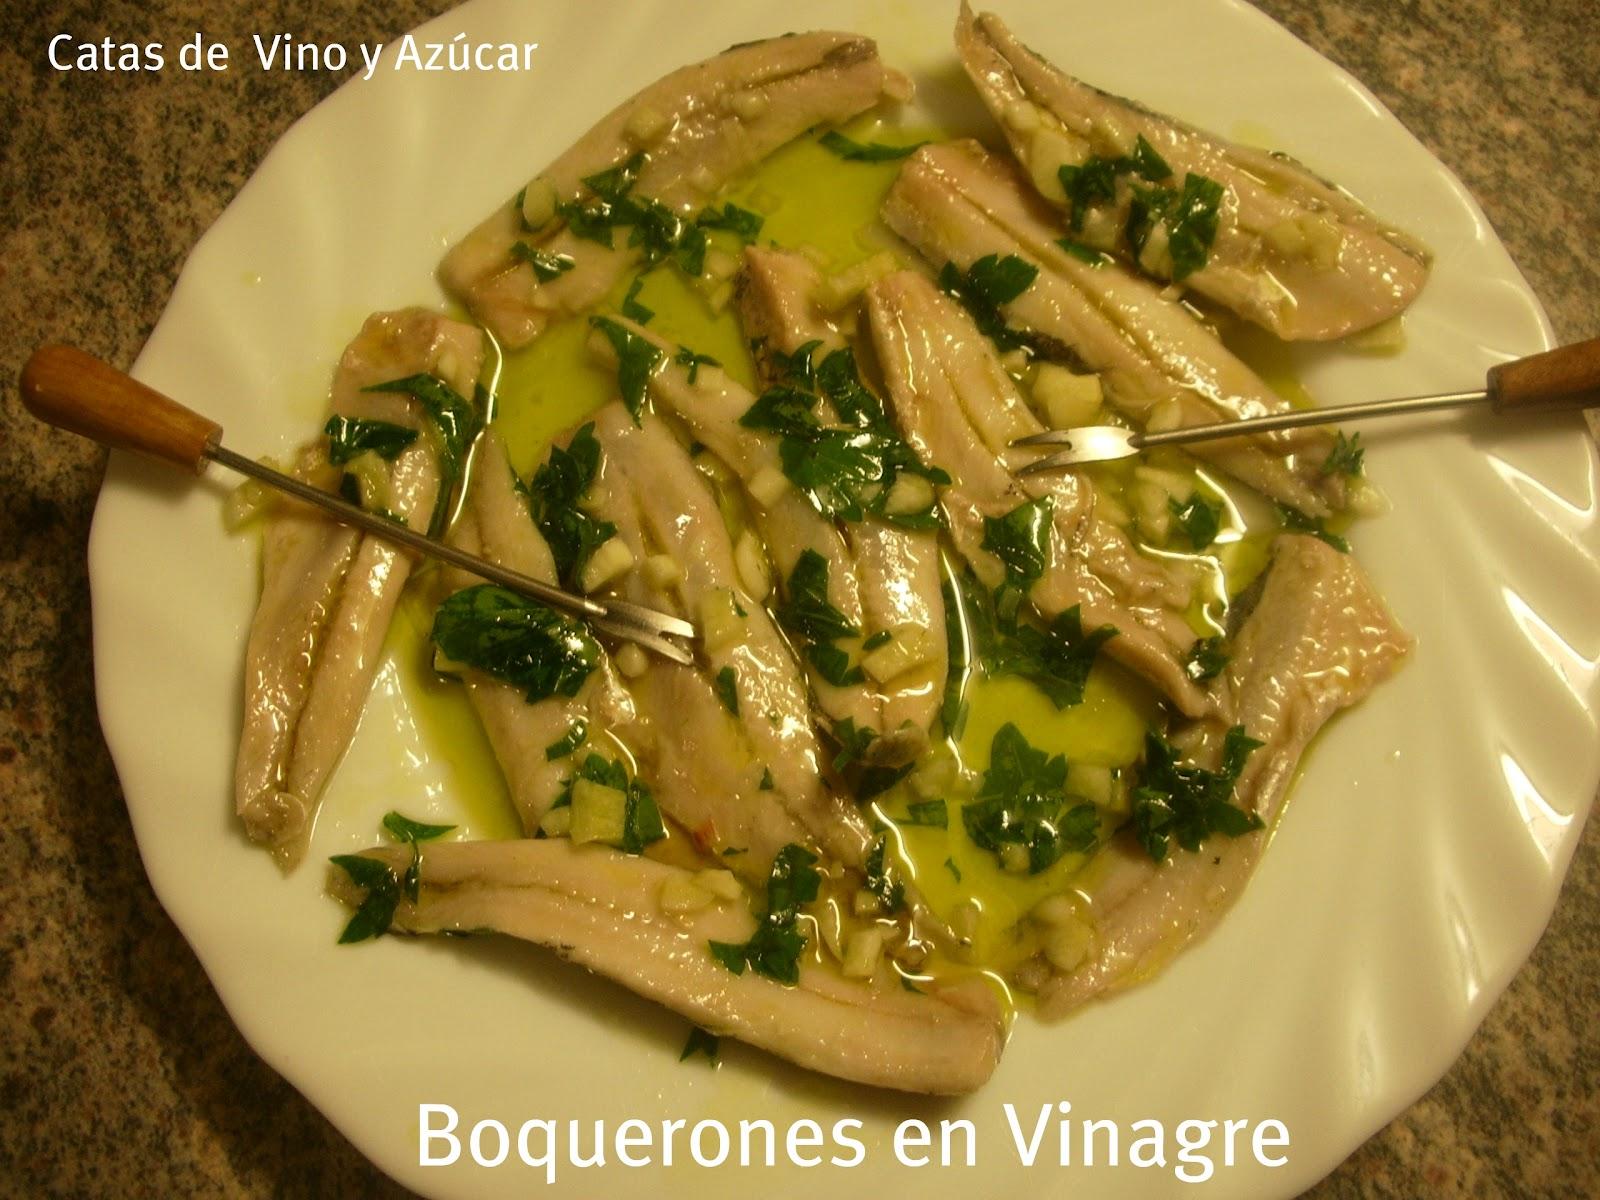 Catas de vino y az car boquerones en vinagre - Calorias boquerones en vinagre ...